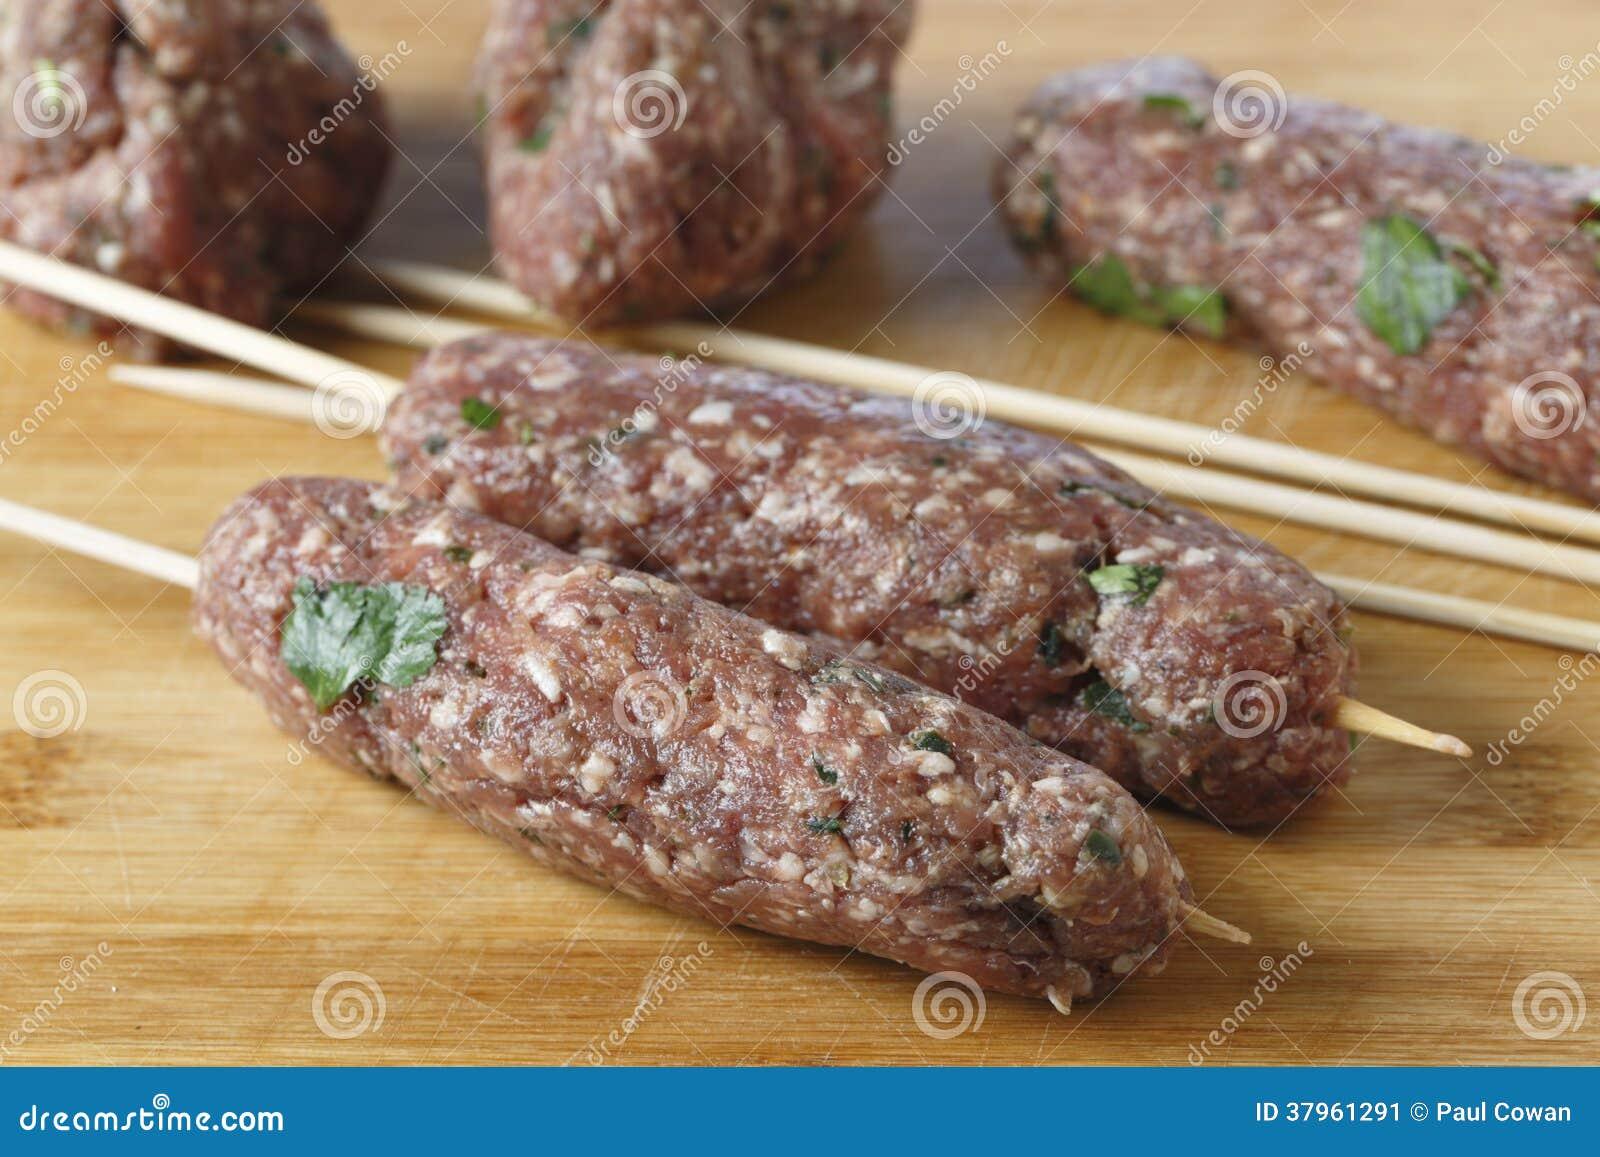 Het maken van koftabbq vleespennen